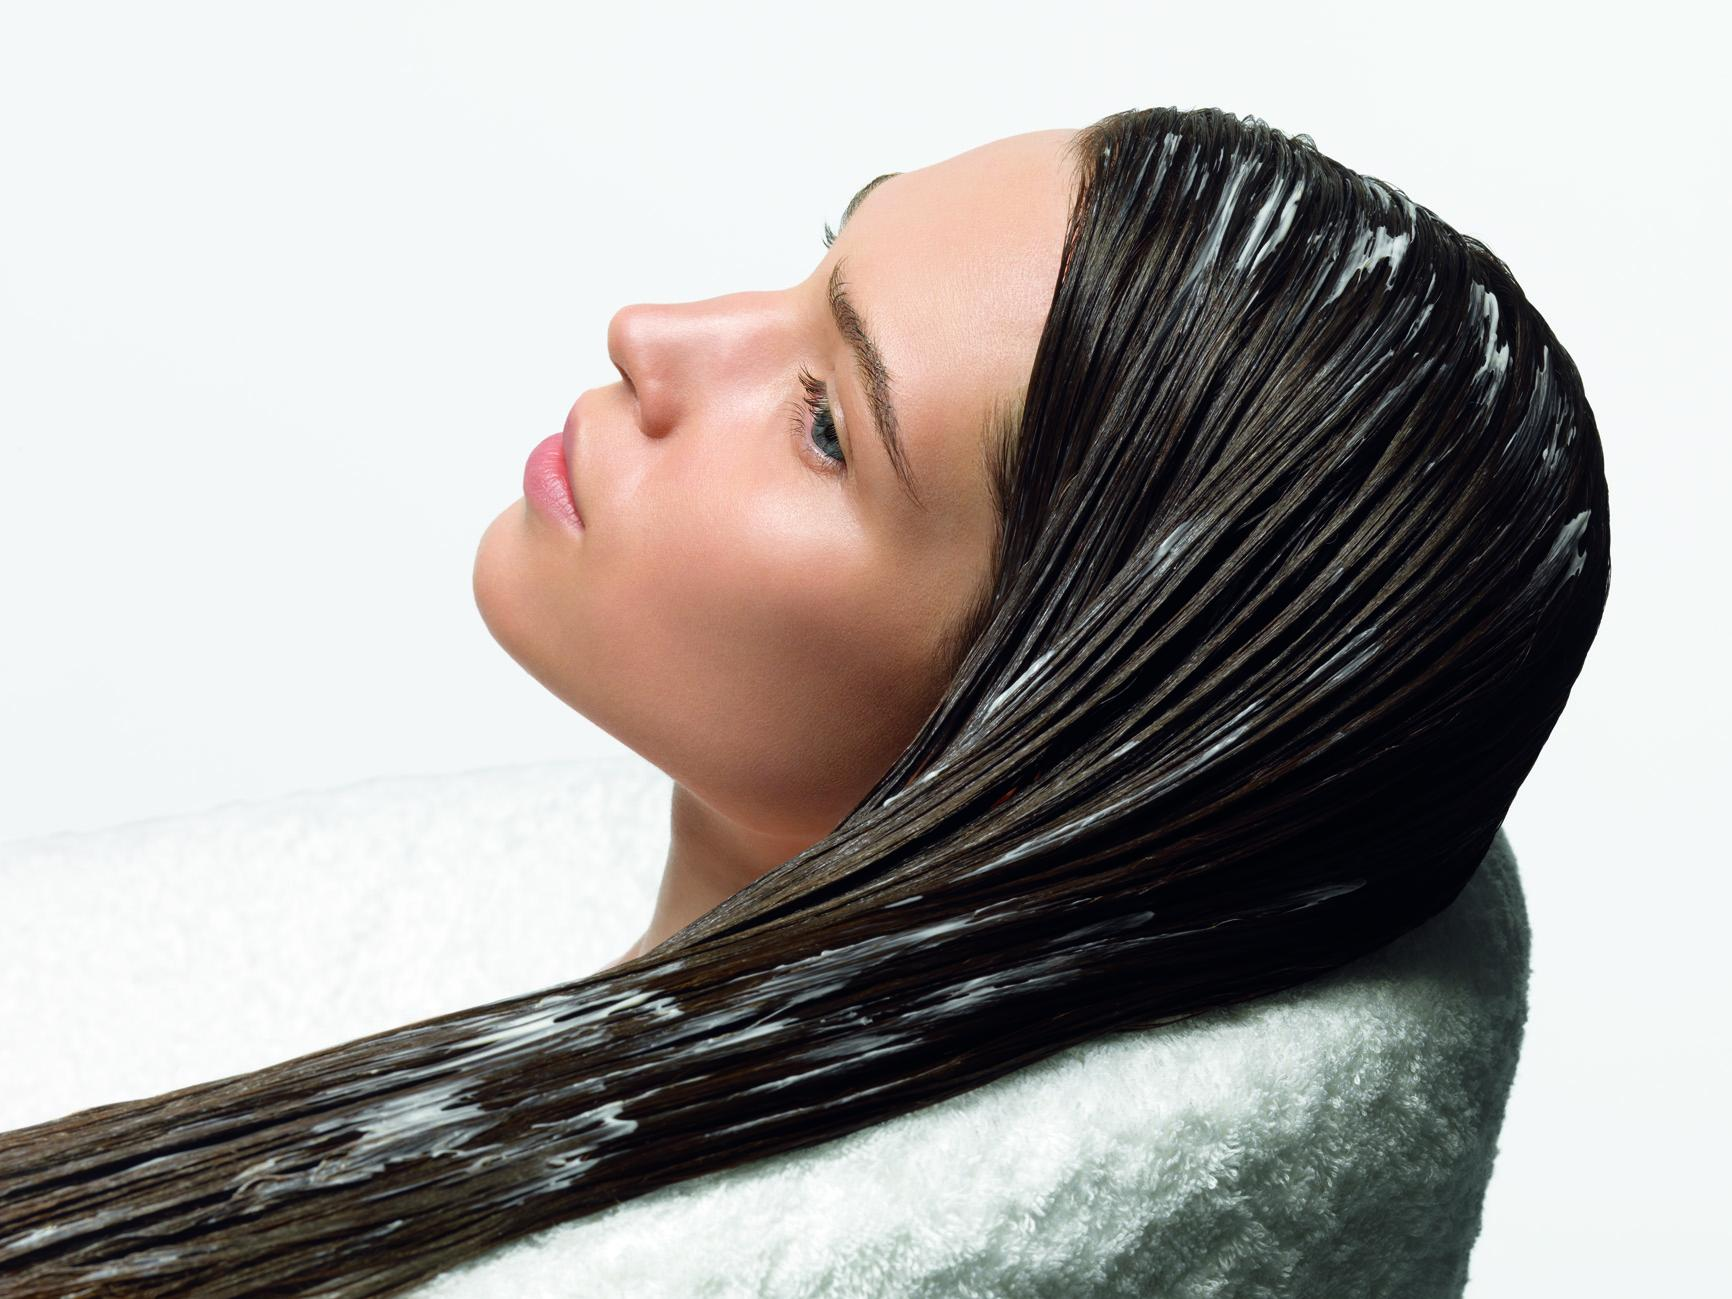 Домашняя косметология: маска для волос из сметаны